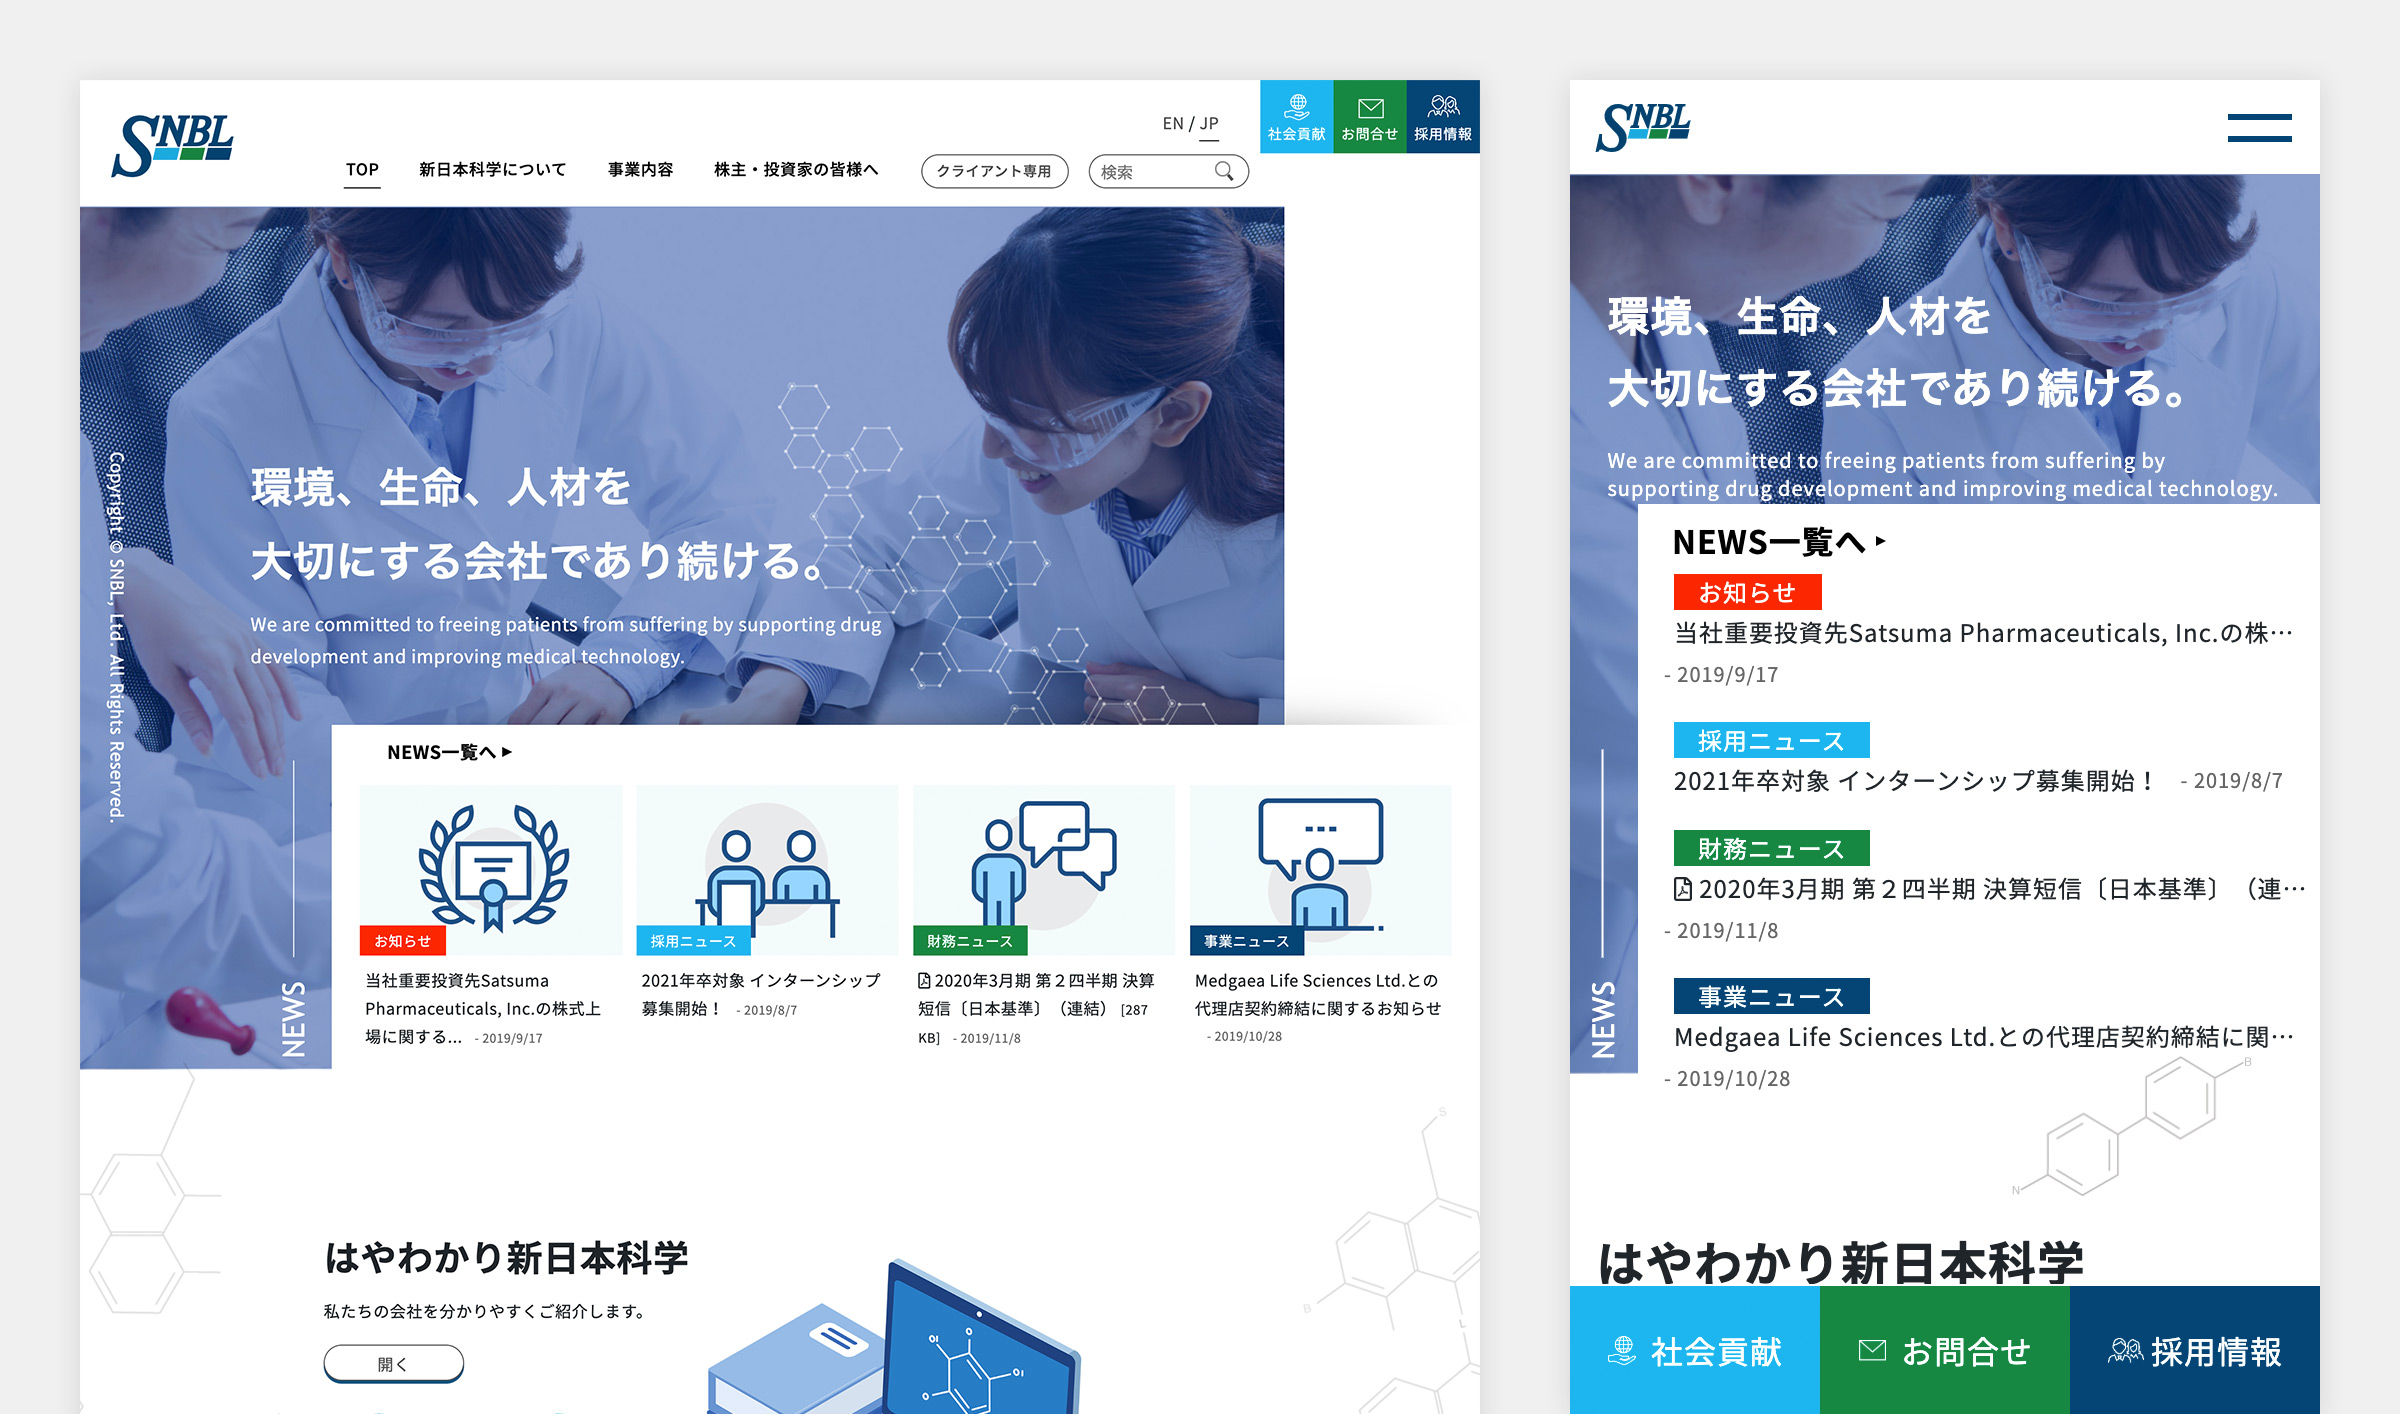 株式会社新日本科学